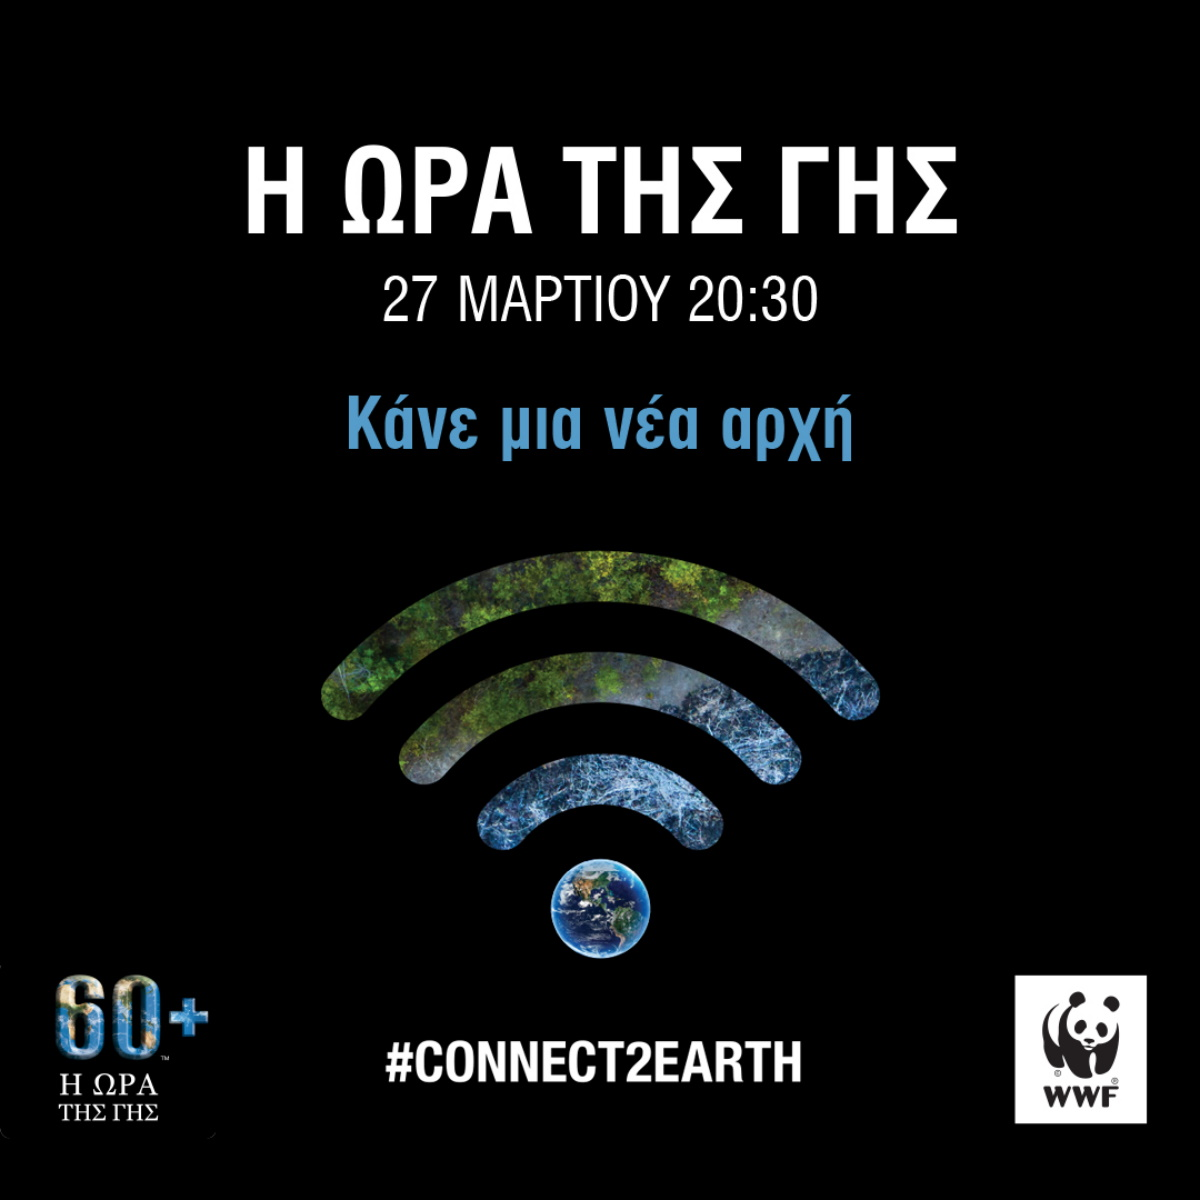 Ώρα της Γης 2021: Απόψε σβήνουμε συμβολικά τα φώτα για μία ώρα